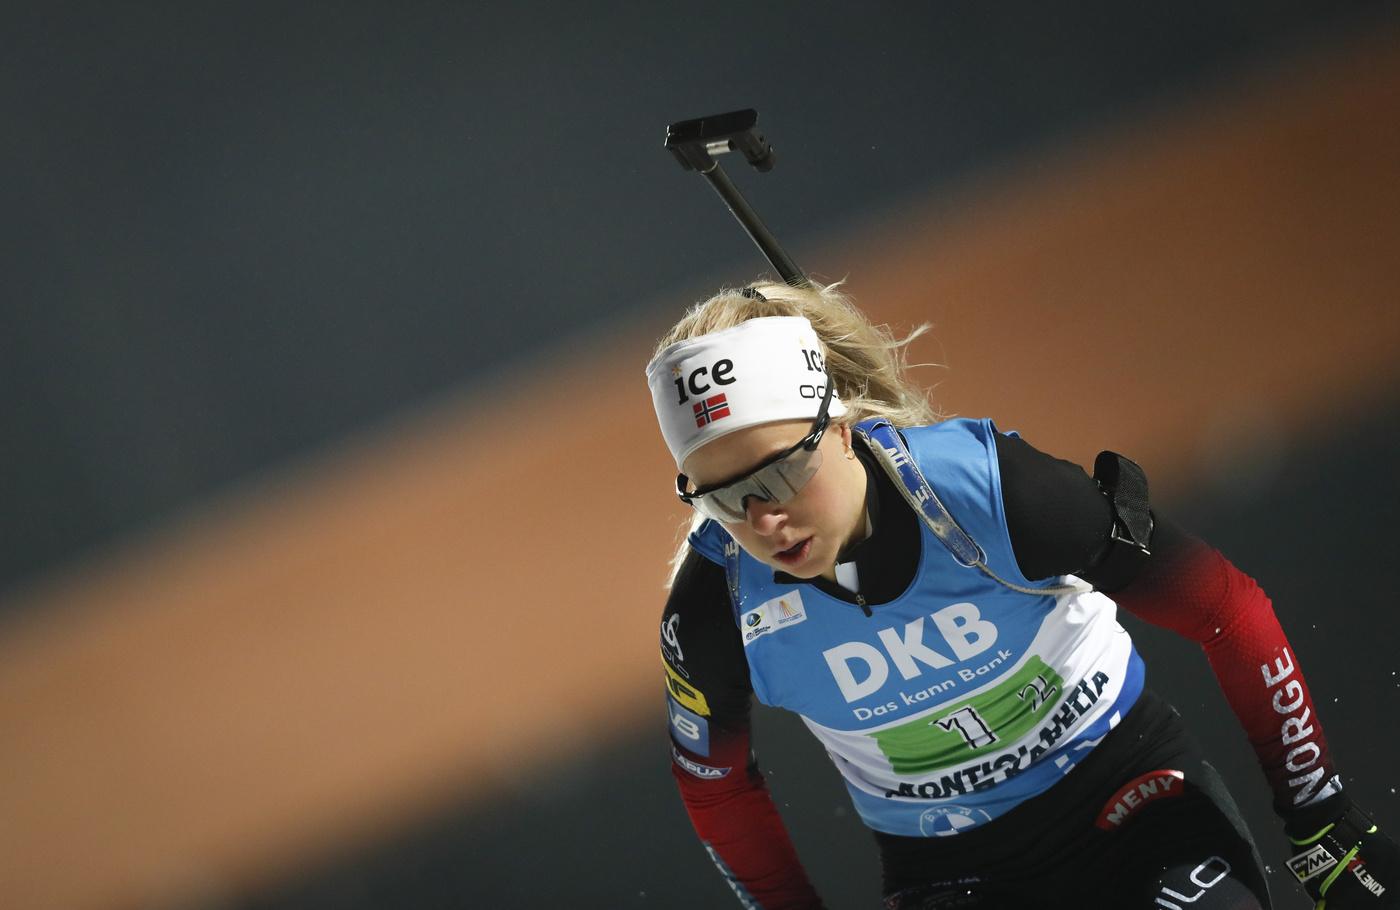 Classifica Coppa del Mondo biathlon femminile 2021: Tiril Eckhoff vicina alla vittoria nella generale e nella graduatoria di specialità